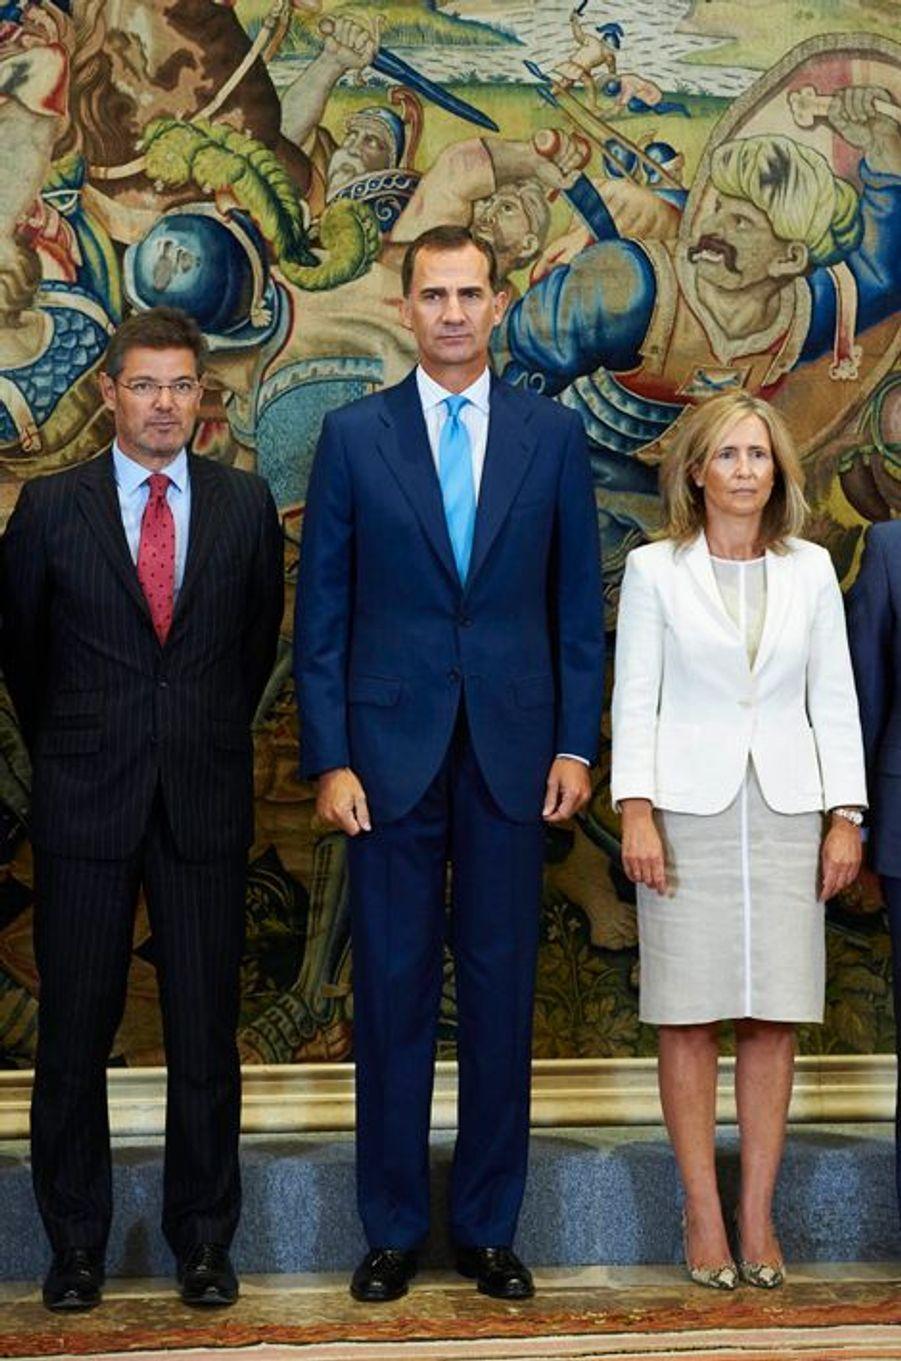 Le roi Felipe VI d'Espagne au palais de la Zarzuela à Madrid, le 3 septembre 2015